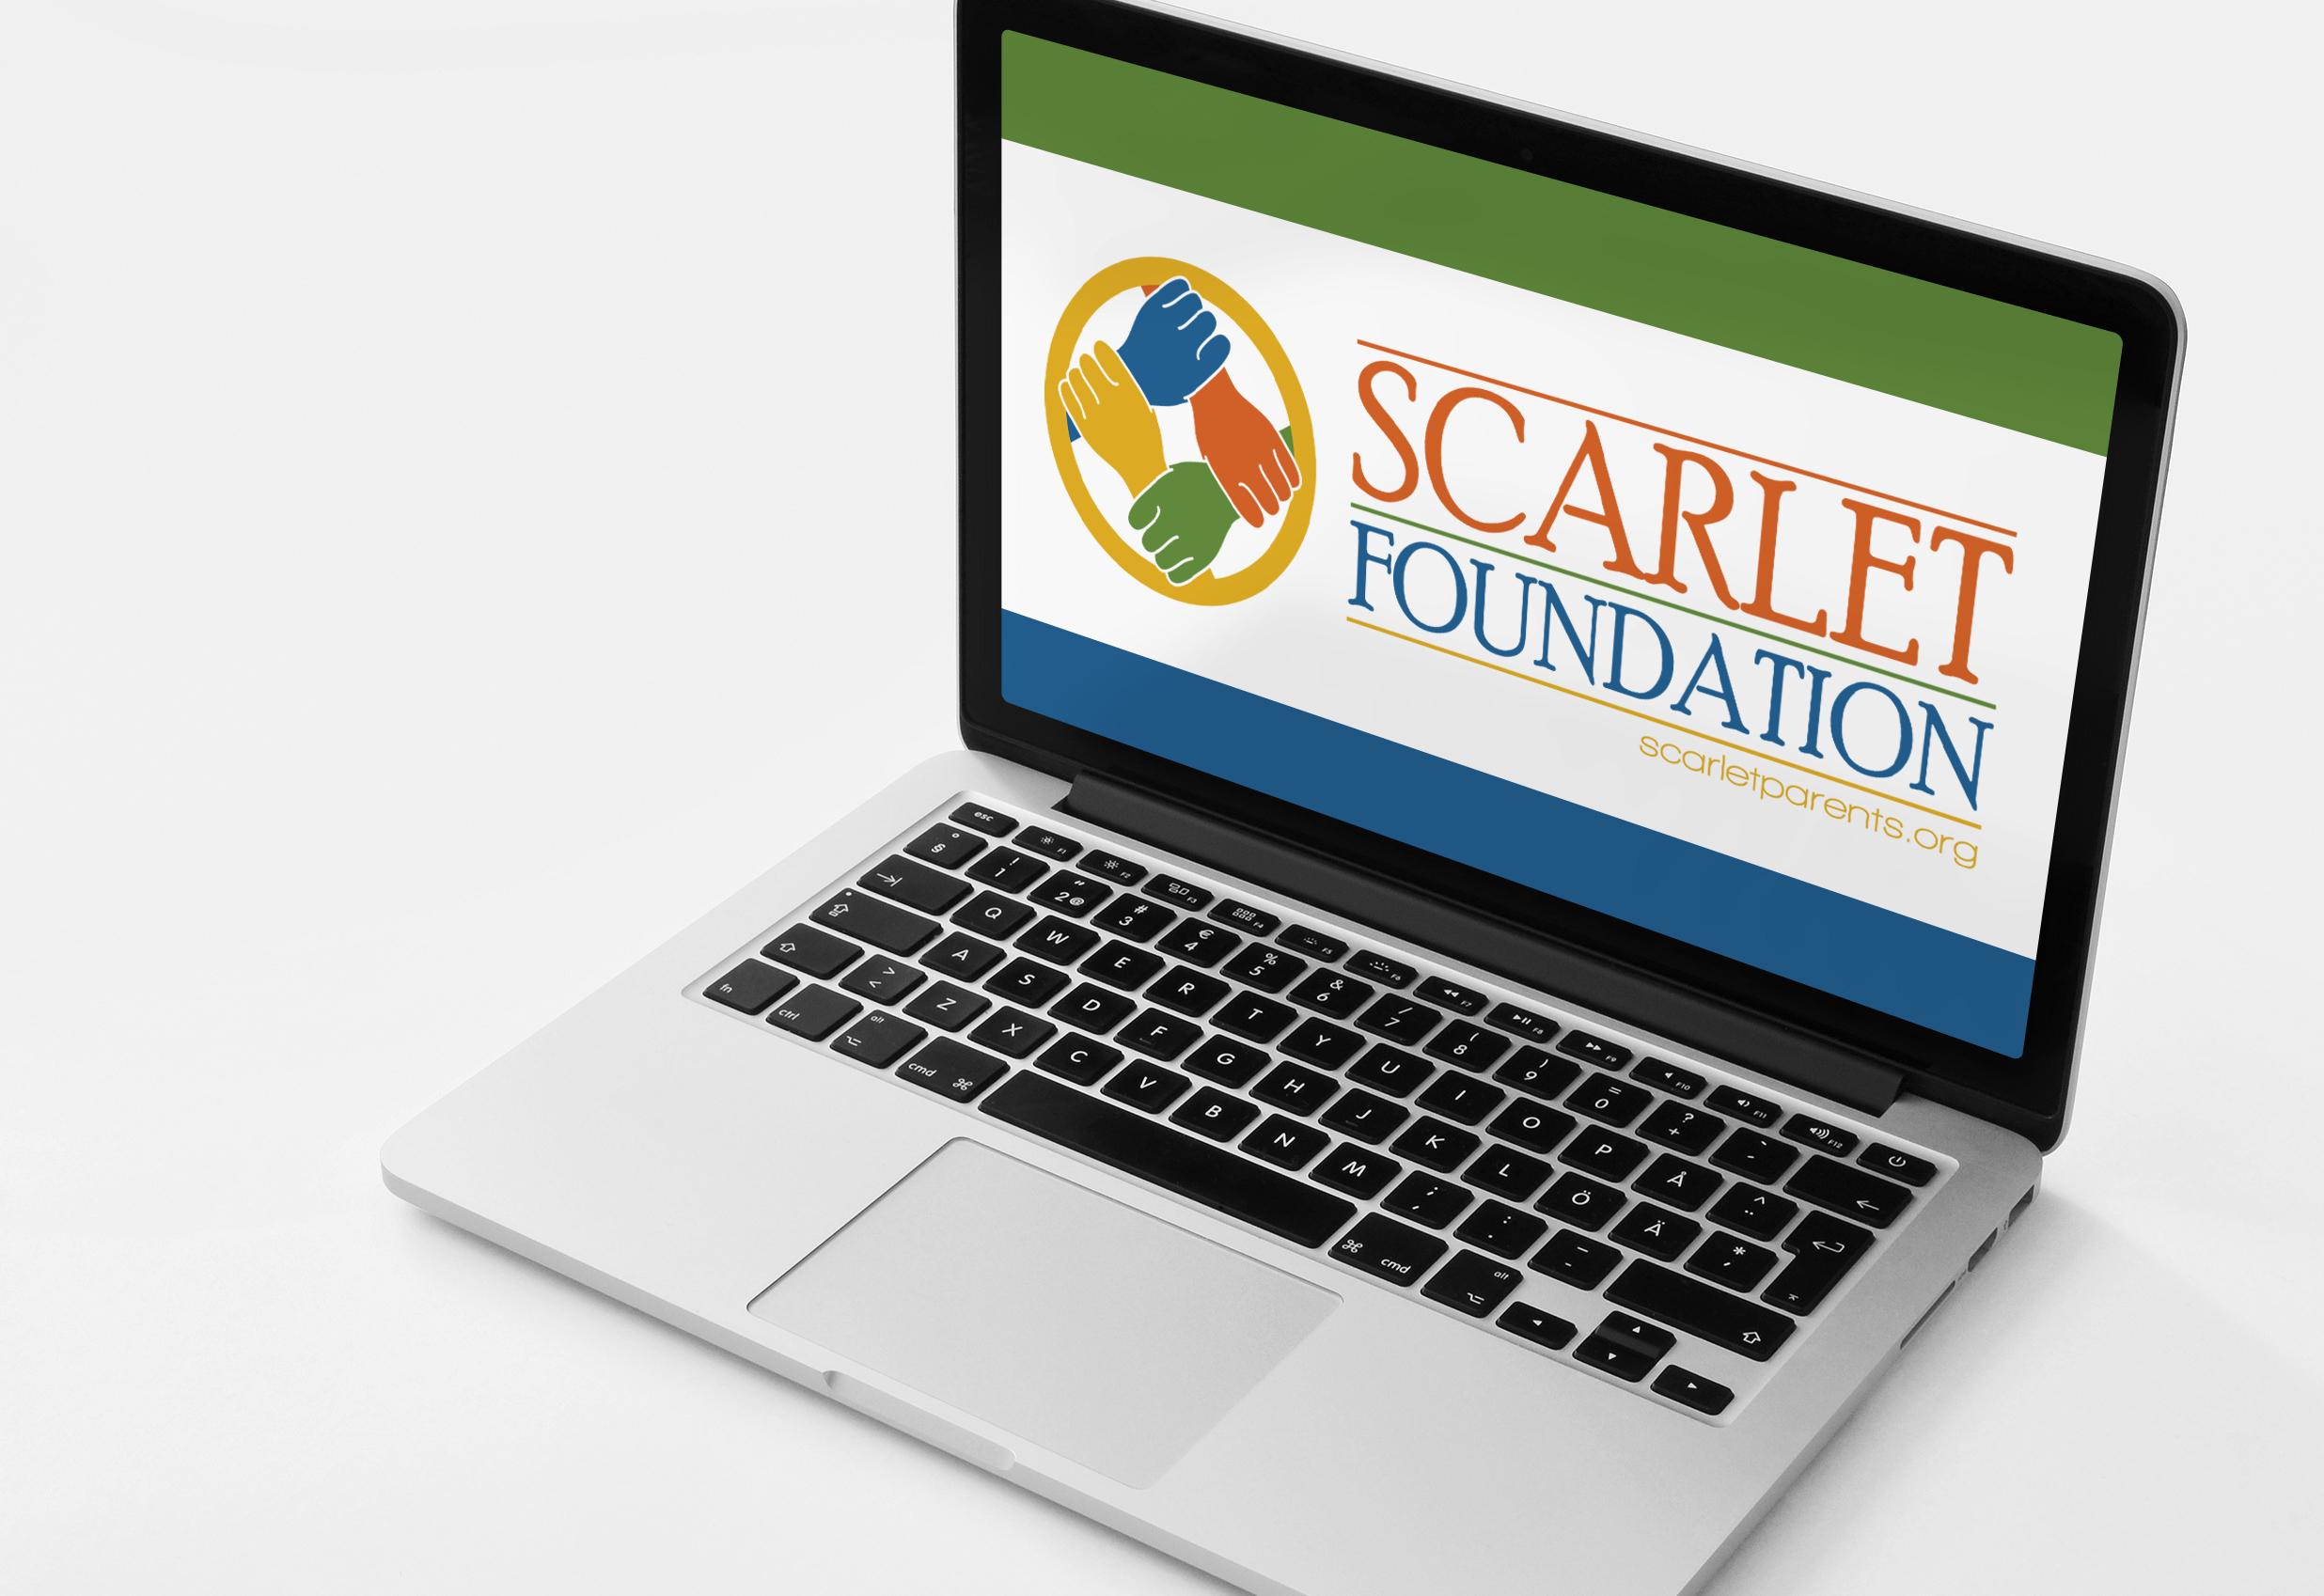 ScarletFoundationMockup (1).jpg